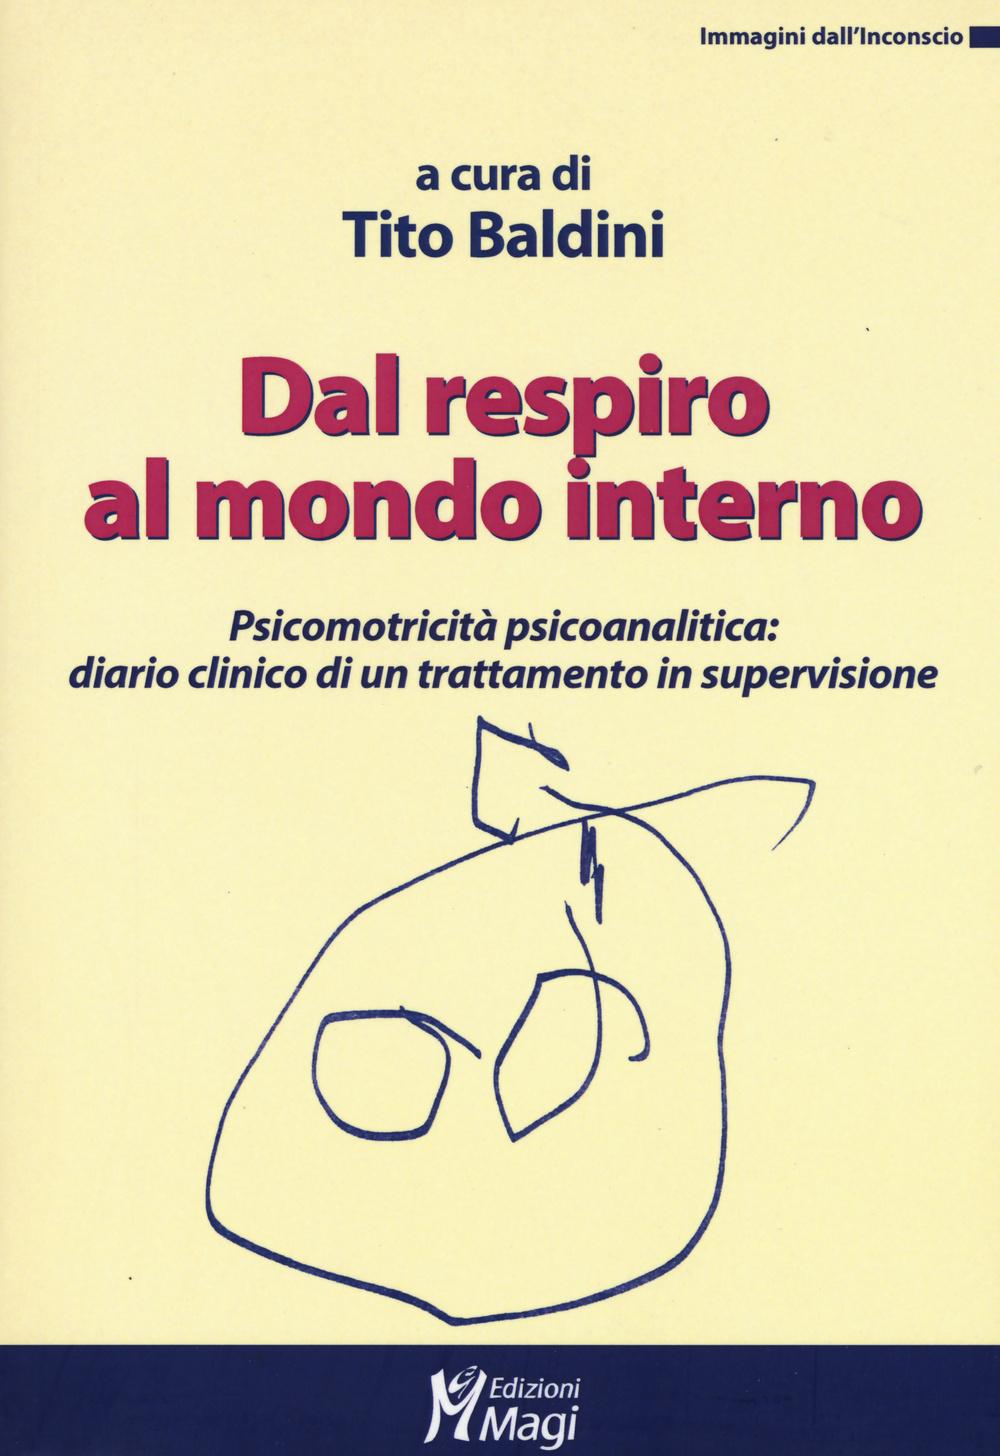 DAL RESPIRO AL MONDO INTERNO. PSICOMOTRICITÀ PSICOANALITICA: DIARIO CLINICO DI UN TRATTAMENTO IN SUPERVISIONE - 9788874873388